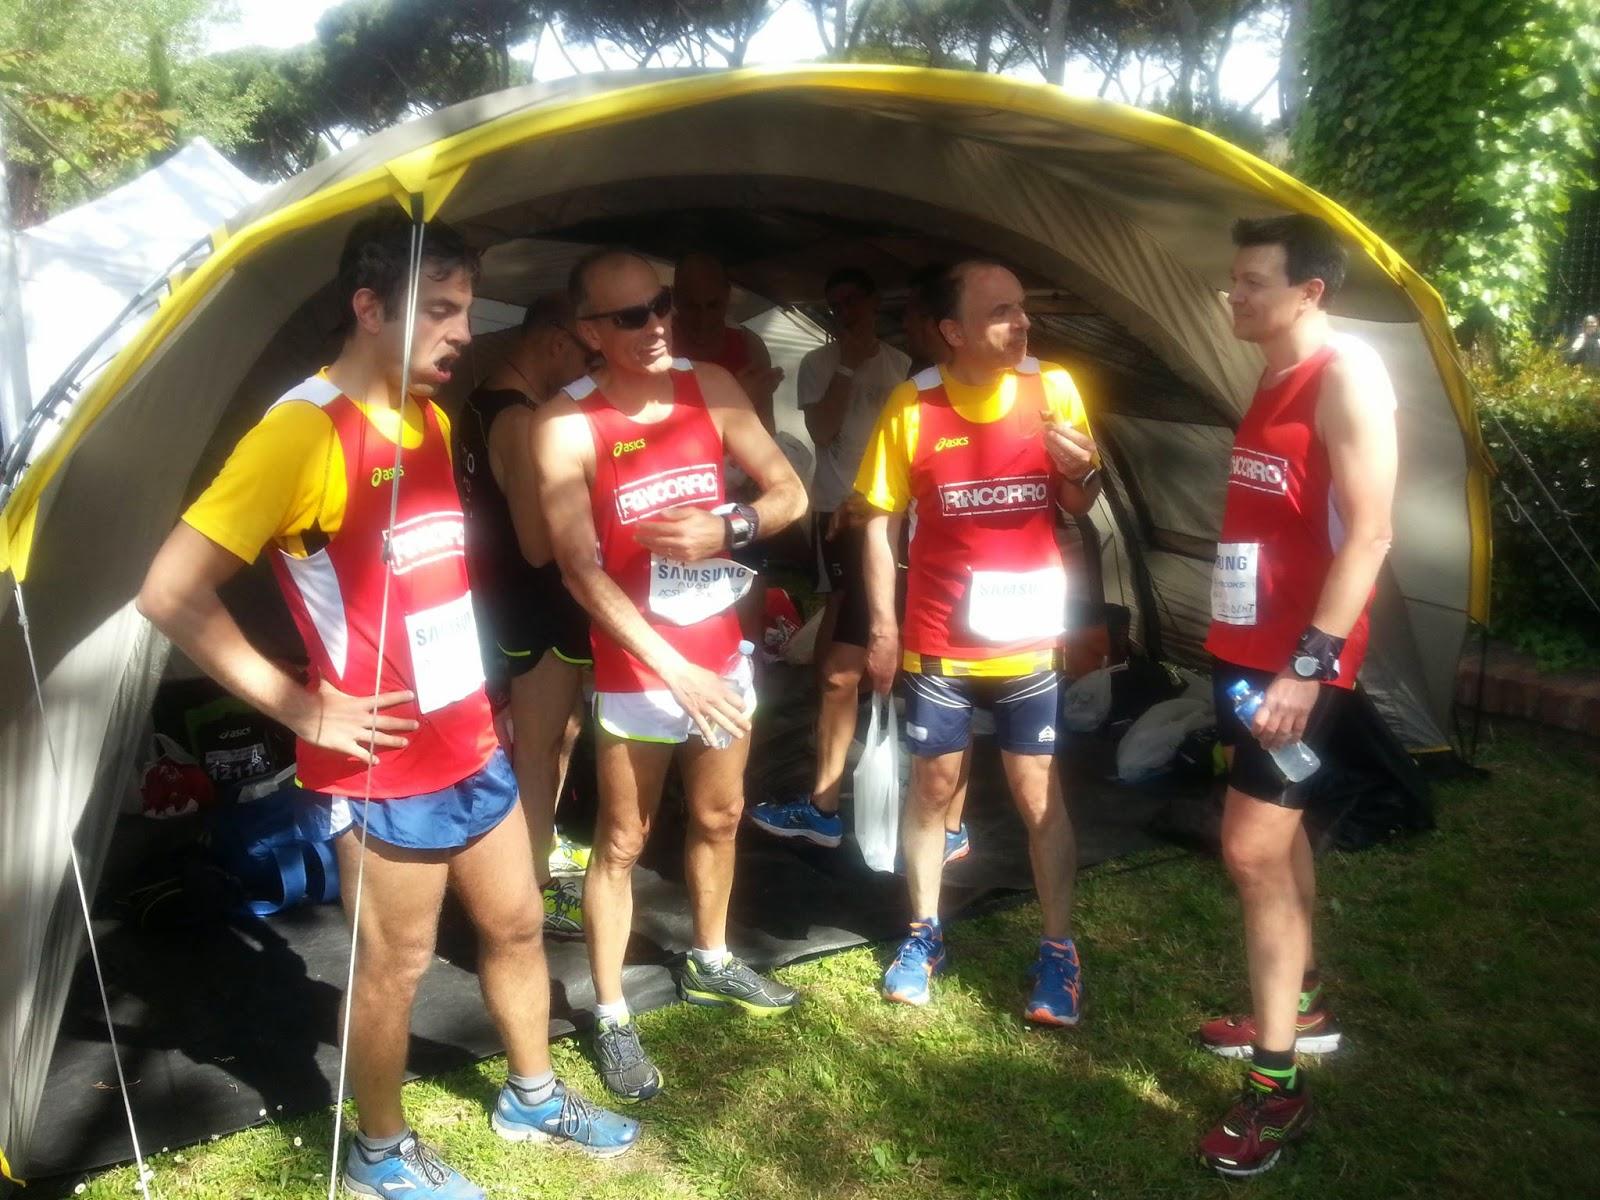 rin corro: rincorro crea la sua tenda 2 seconds ! - Tende Soggiorno 2014 2